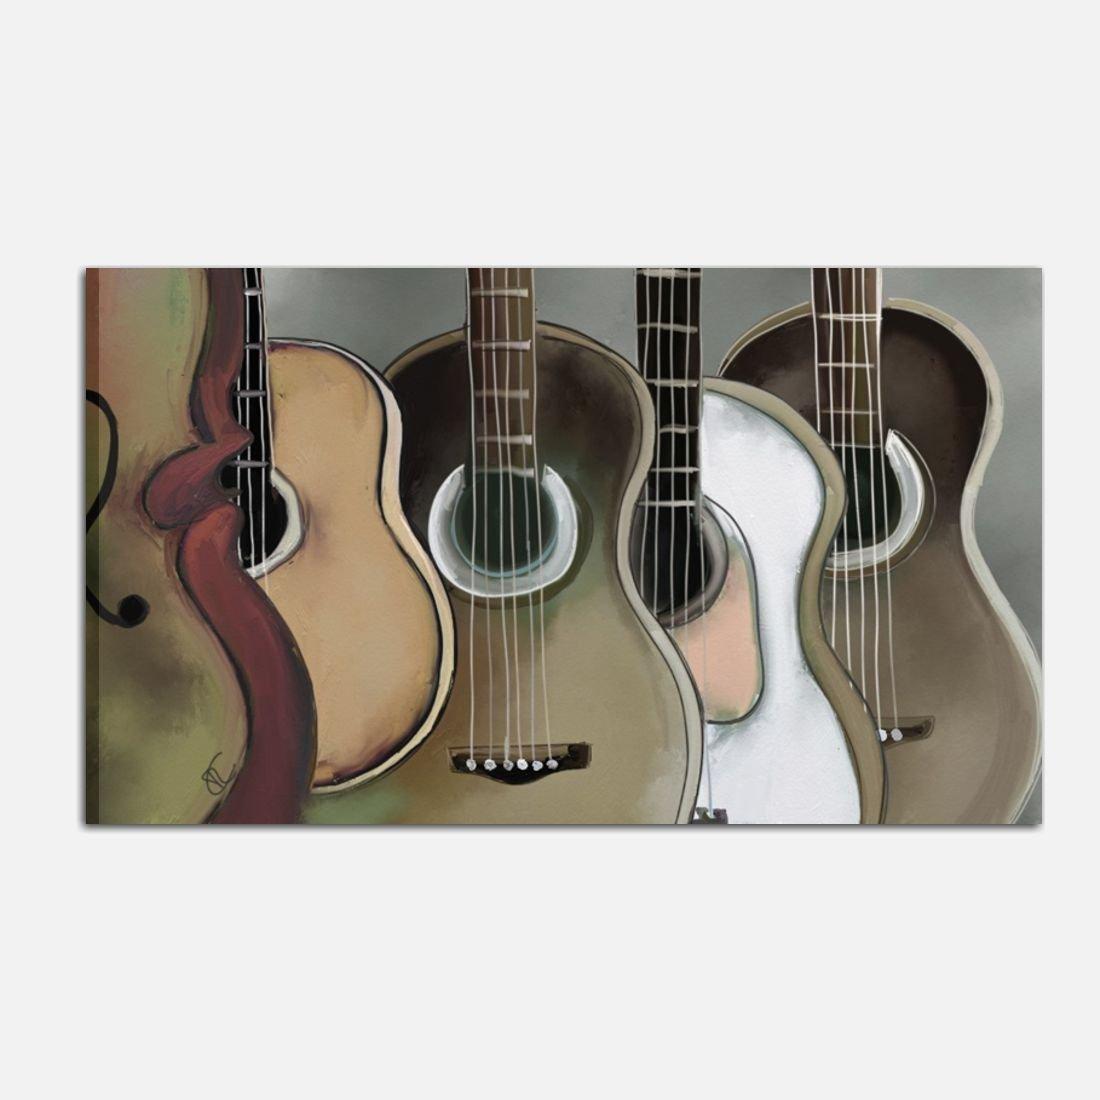 Cuadros pintados a mano acrílico sobre lienzo modernos Música guitarras figurativo Casa Muebles Oficina Salón - Guitarras 2: Amazon.es: Hogar